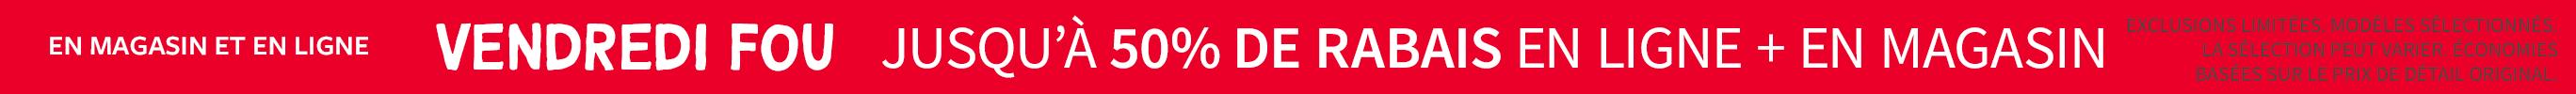 VENDREDI FOU | JUSQU'À 50% DE RABAIS EN LIGNE + EN MAGASIN